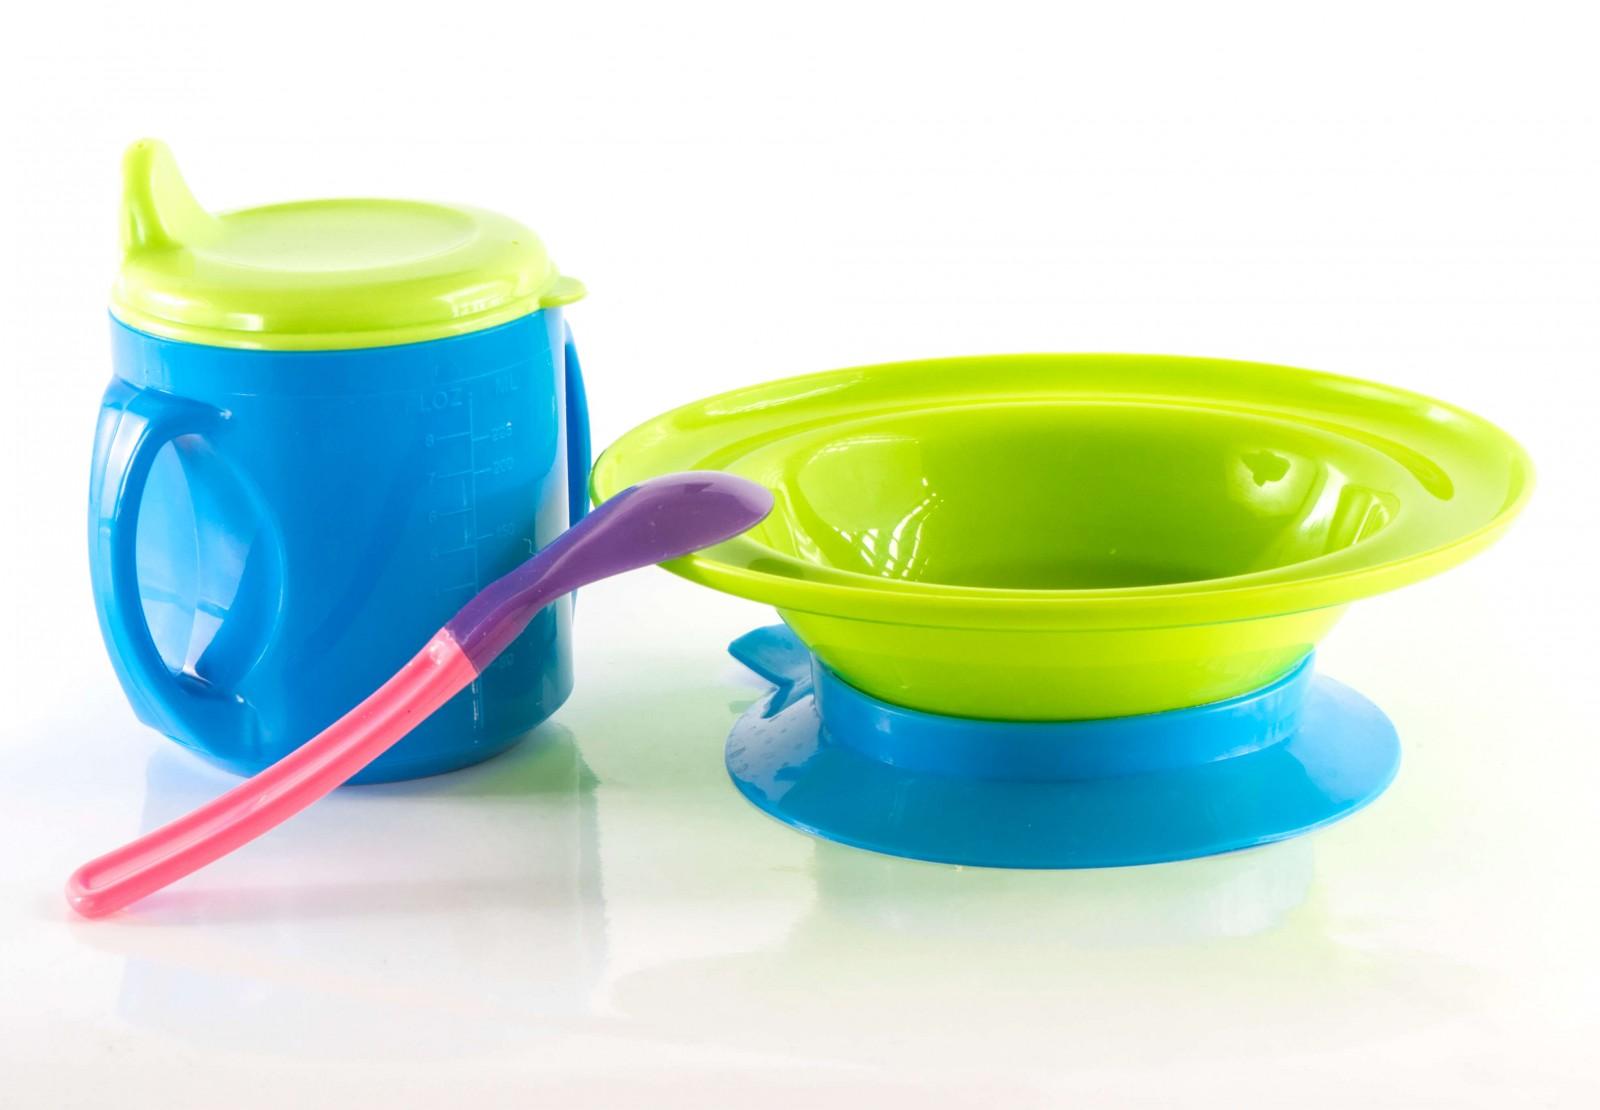 Все про дитячий посуд - як обирати і коли час купувати